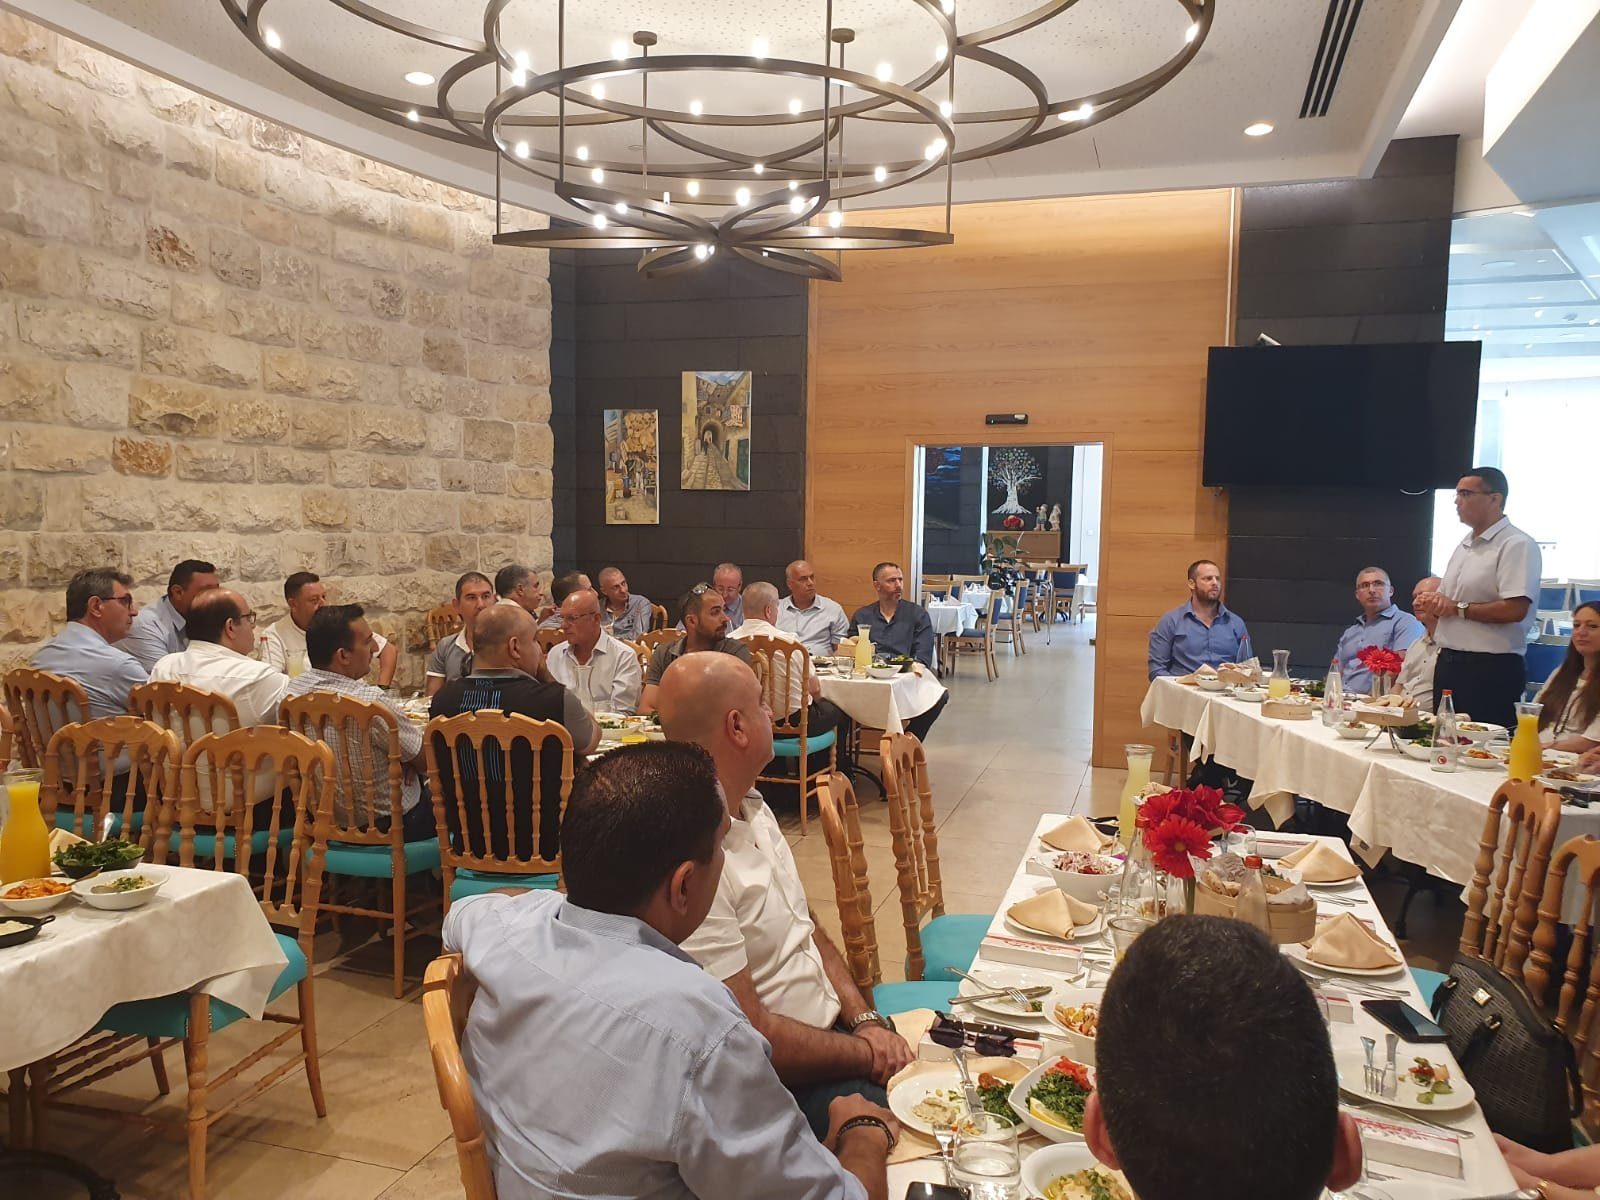 ادارة بنك هبوعليم تلتقي مع مجموعة من رجال الاعمال في الناصرة